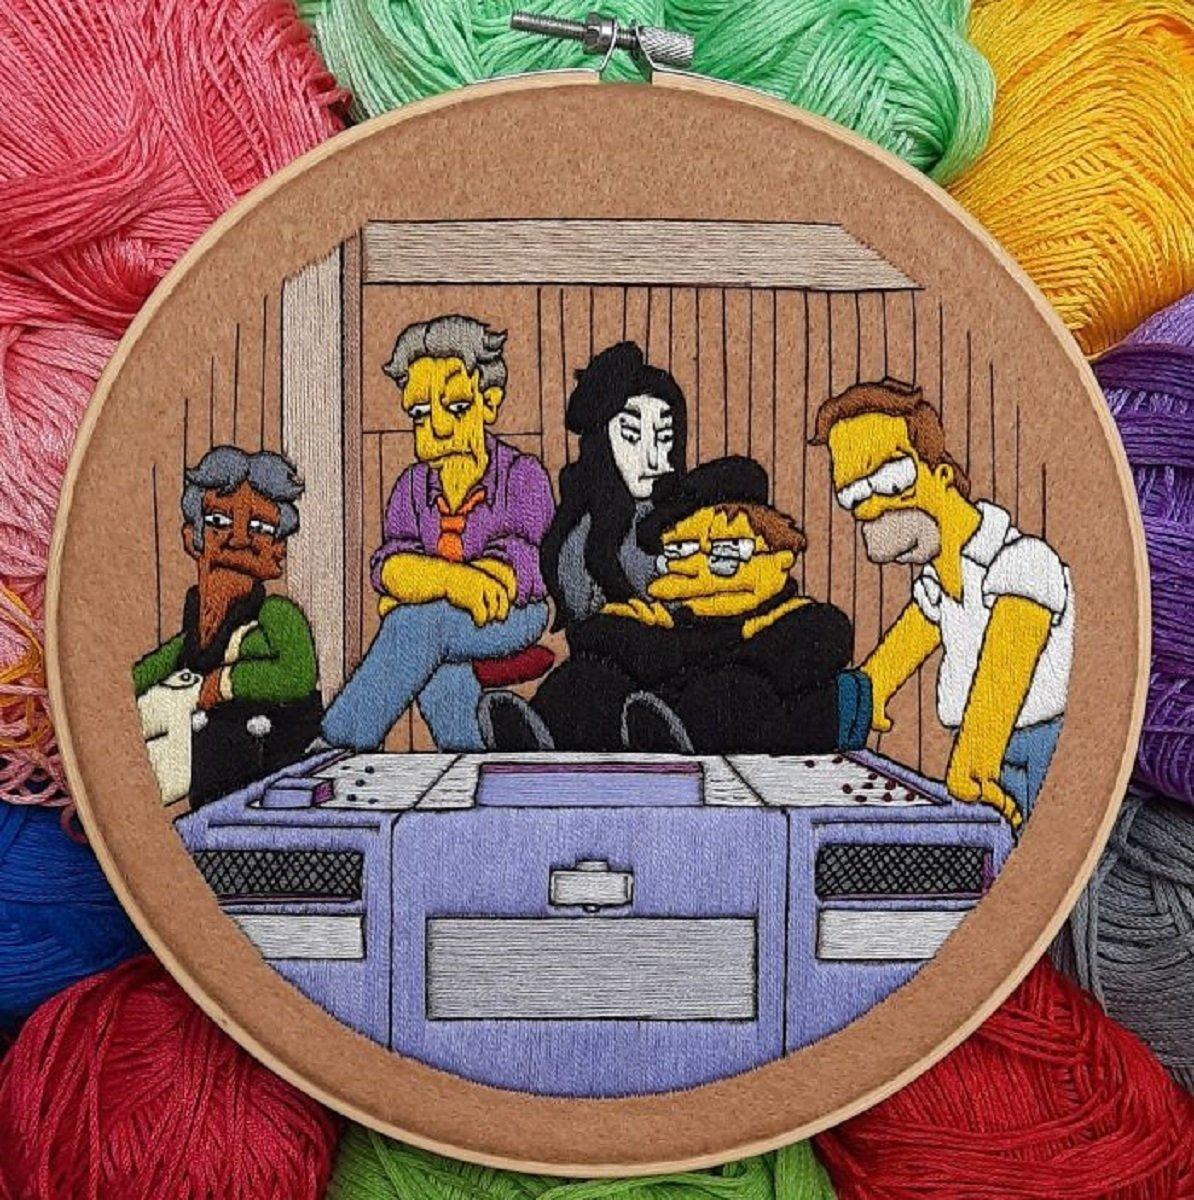 Artista Gabriela Martinez cria bordados de cenas de Os Simpsons 13